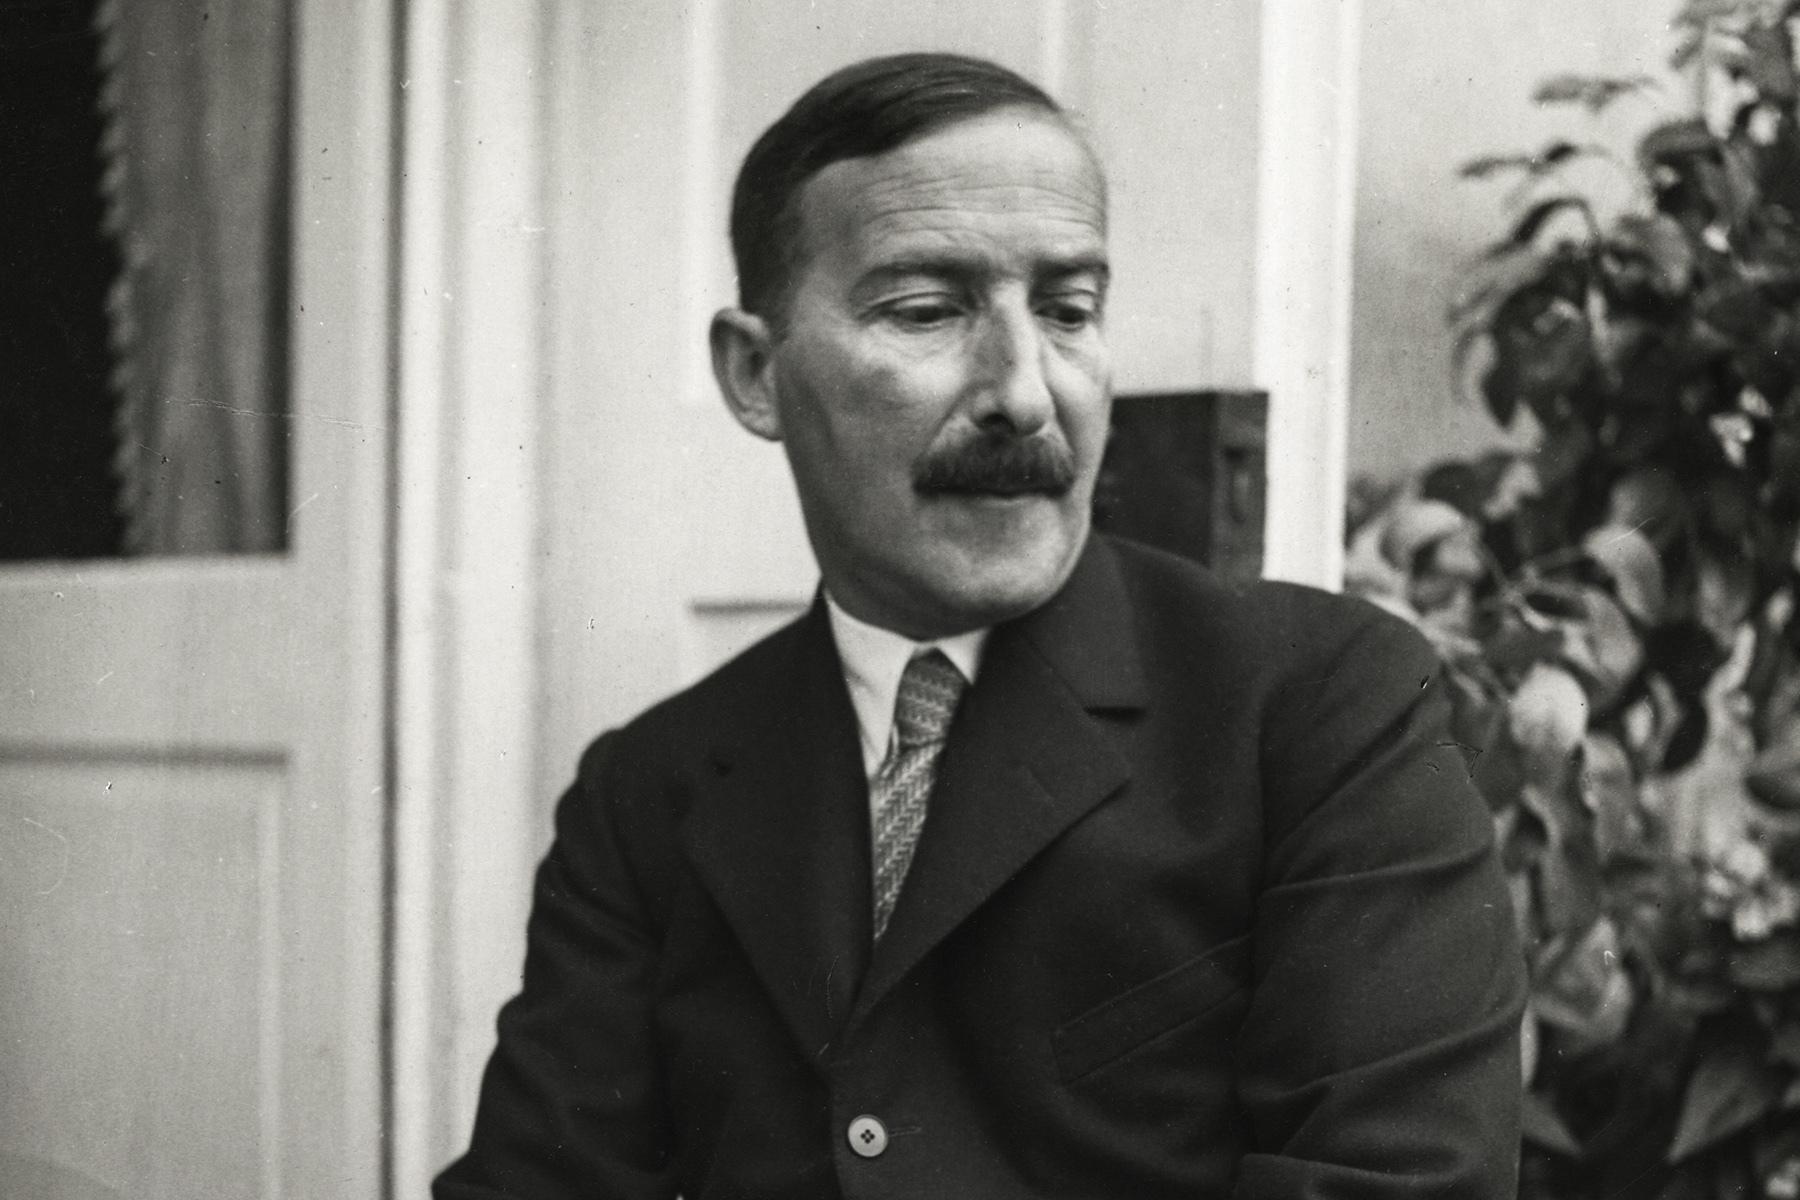 Stefan Zweig sosem heverte ki a megszégyenítő antiszemitizmust